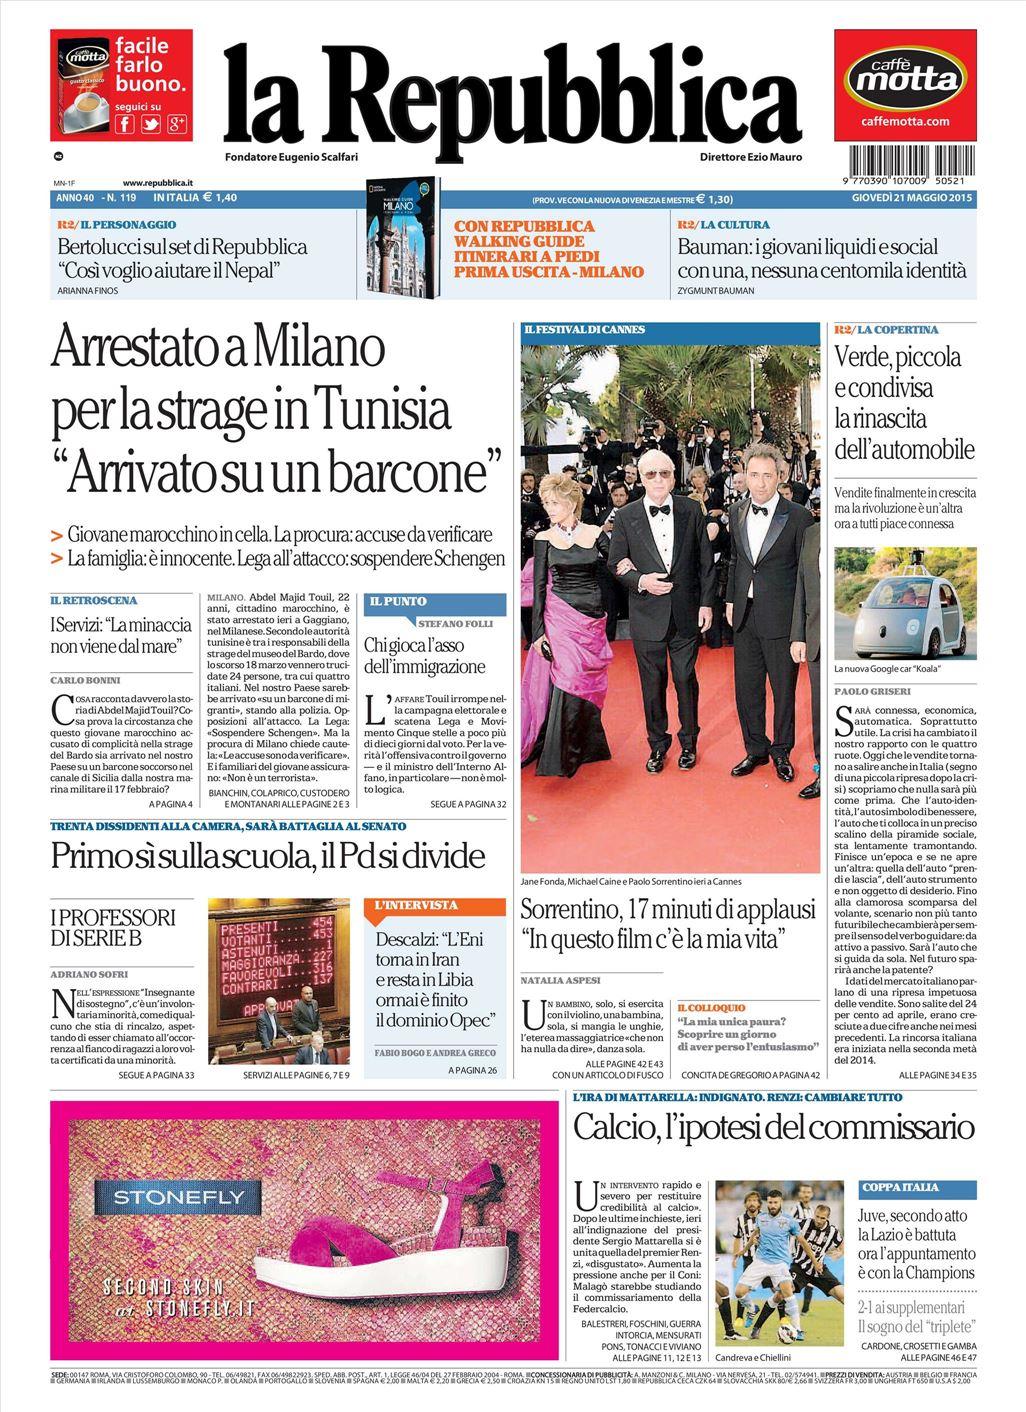 La Repubblica It Nel 2019: Le Prime Pagine Dei Quotidiani In Edicola Oggi 21 Maggio